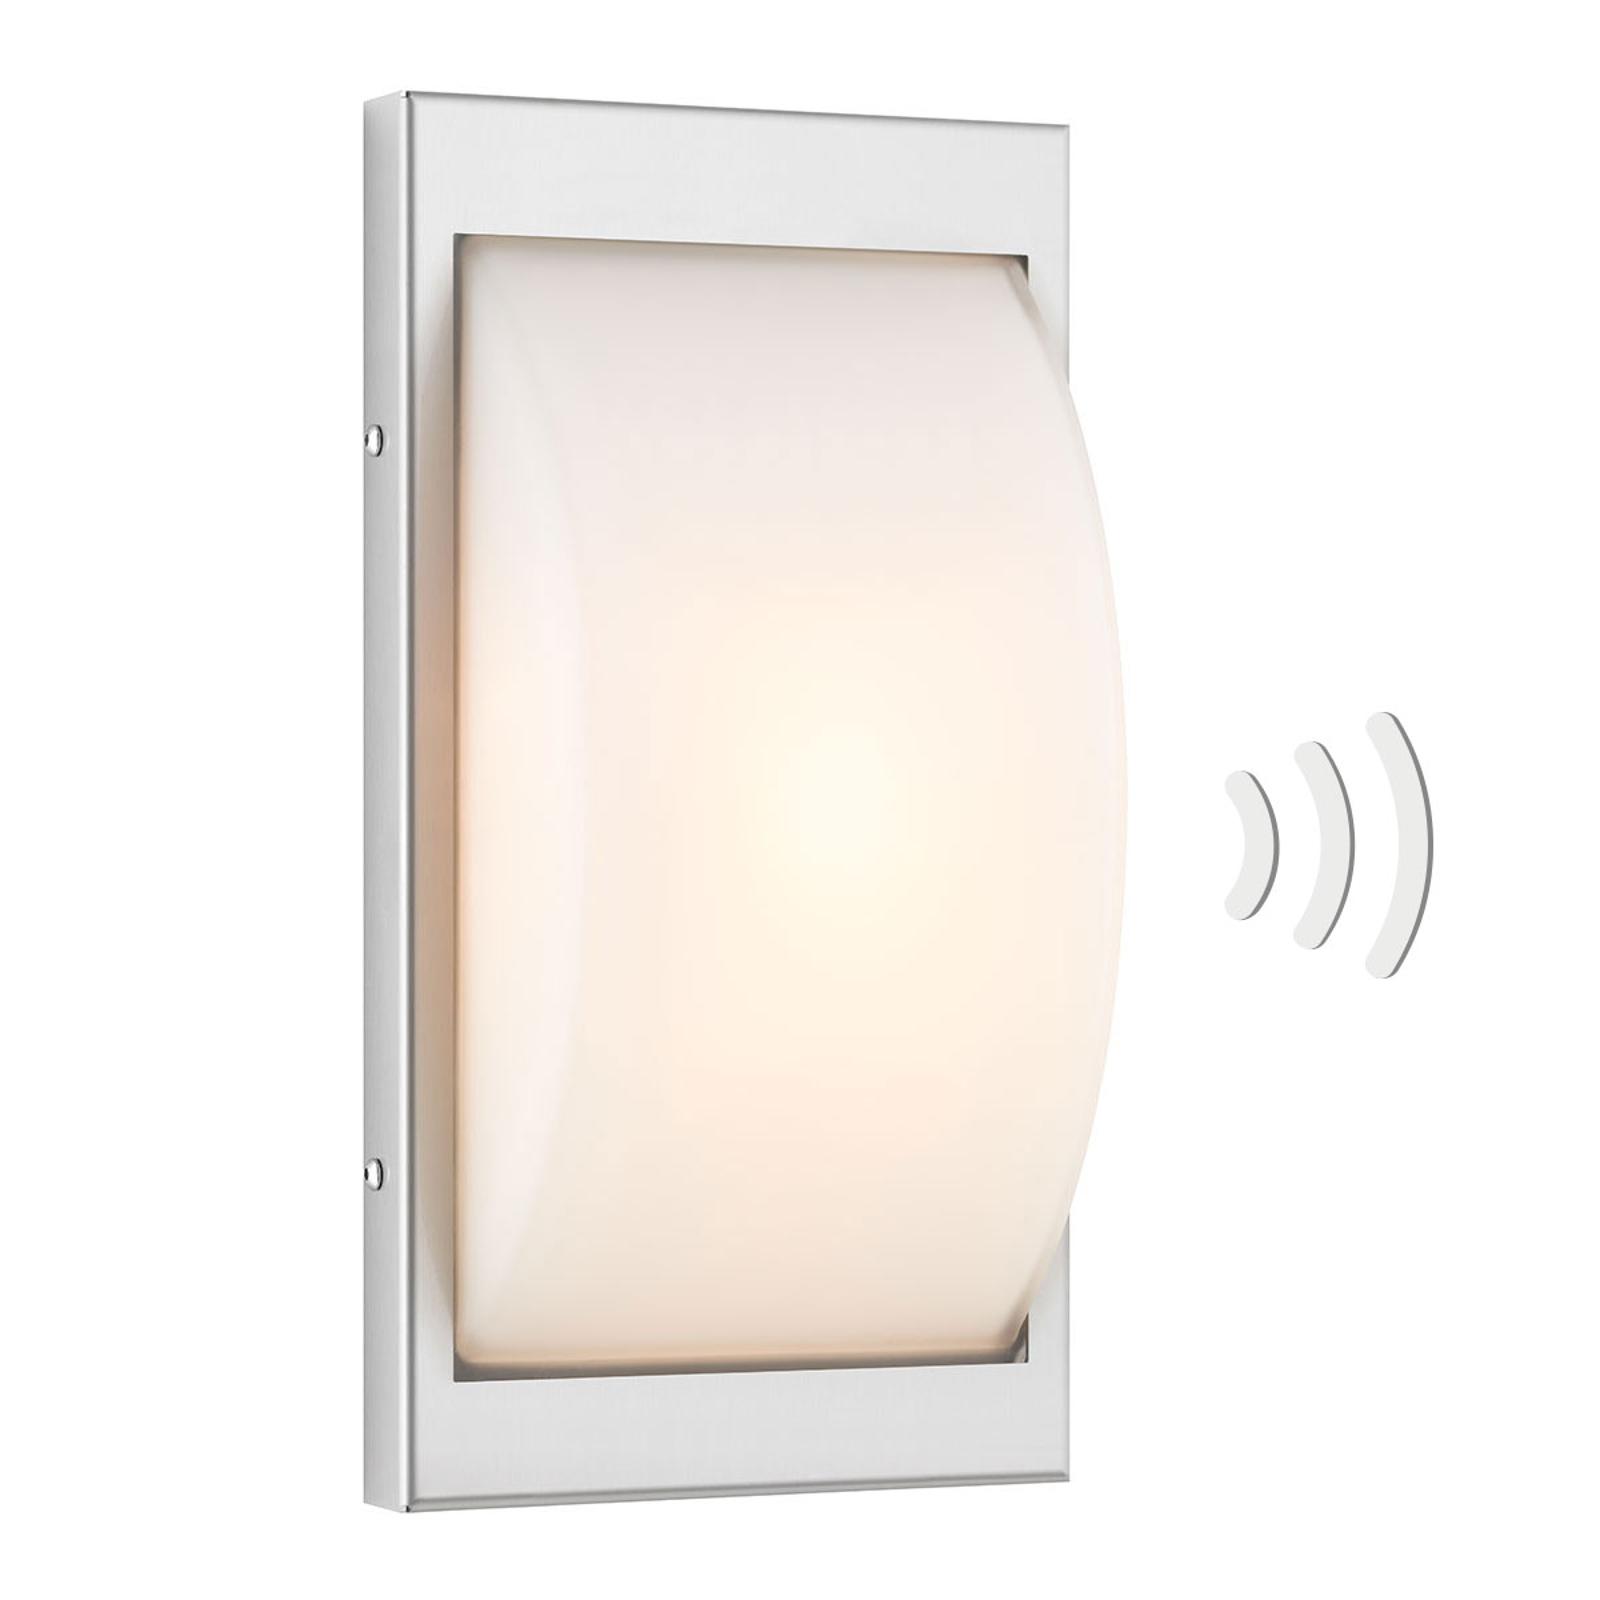 Applique d'extérieur LED 068LEDSEN acier inox